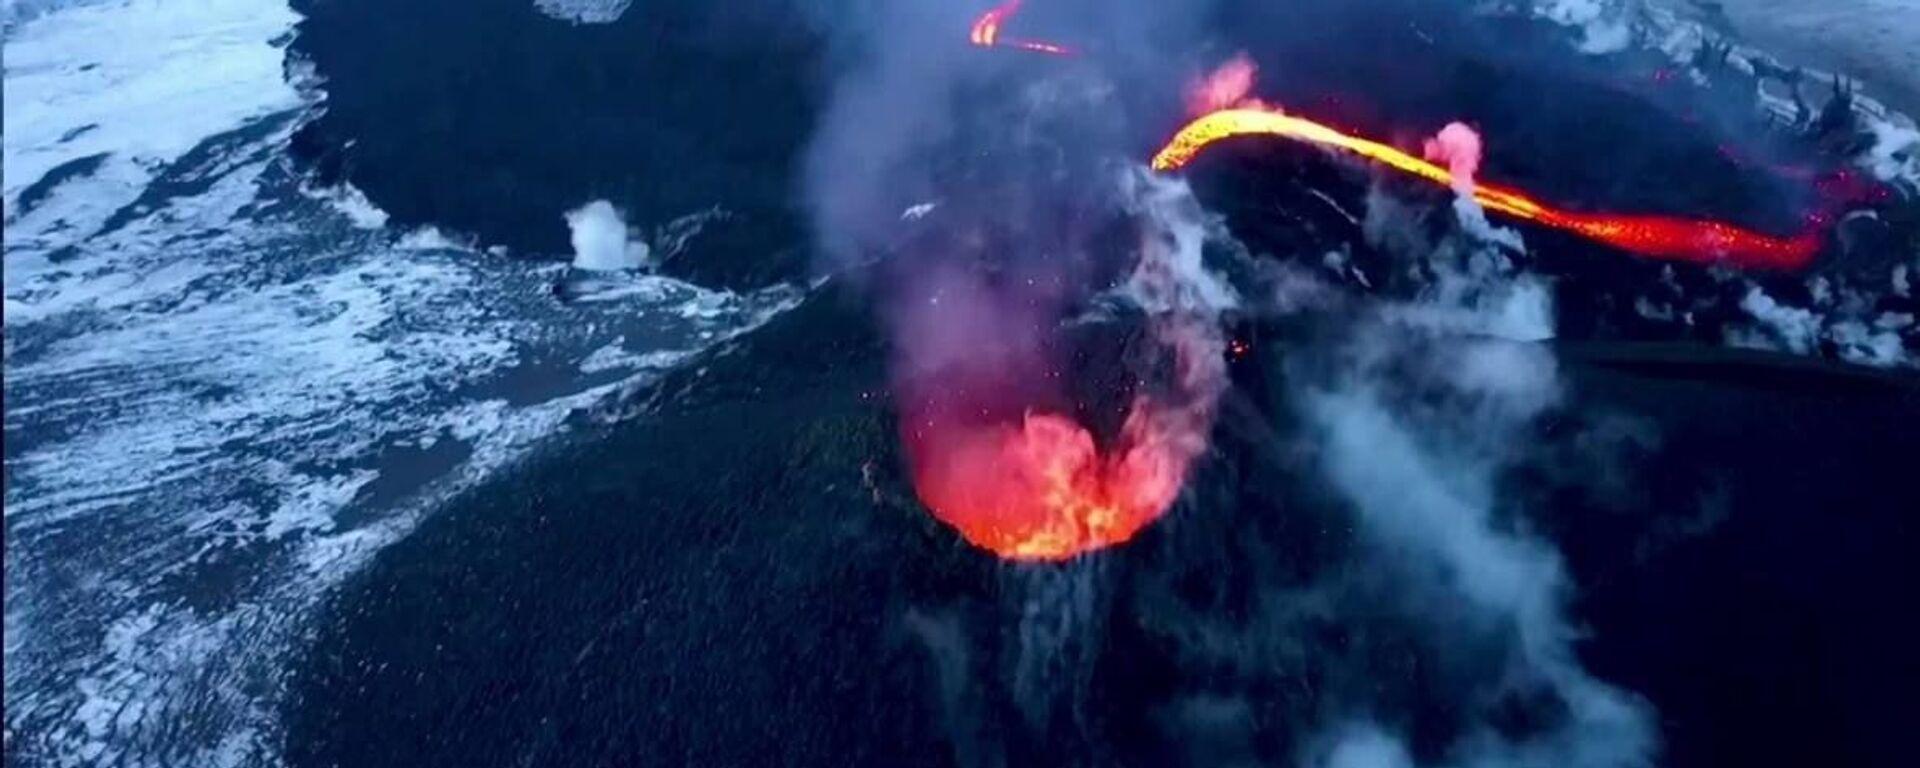 Σε απόσταση αναπνοής από τον κρατήρα του ενεργού ηφαιστείου της Καμτσάτκα - Sputnik Ελλάδα, 1920, 19.03.2021